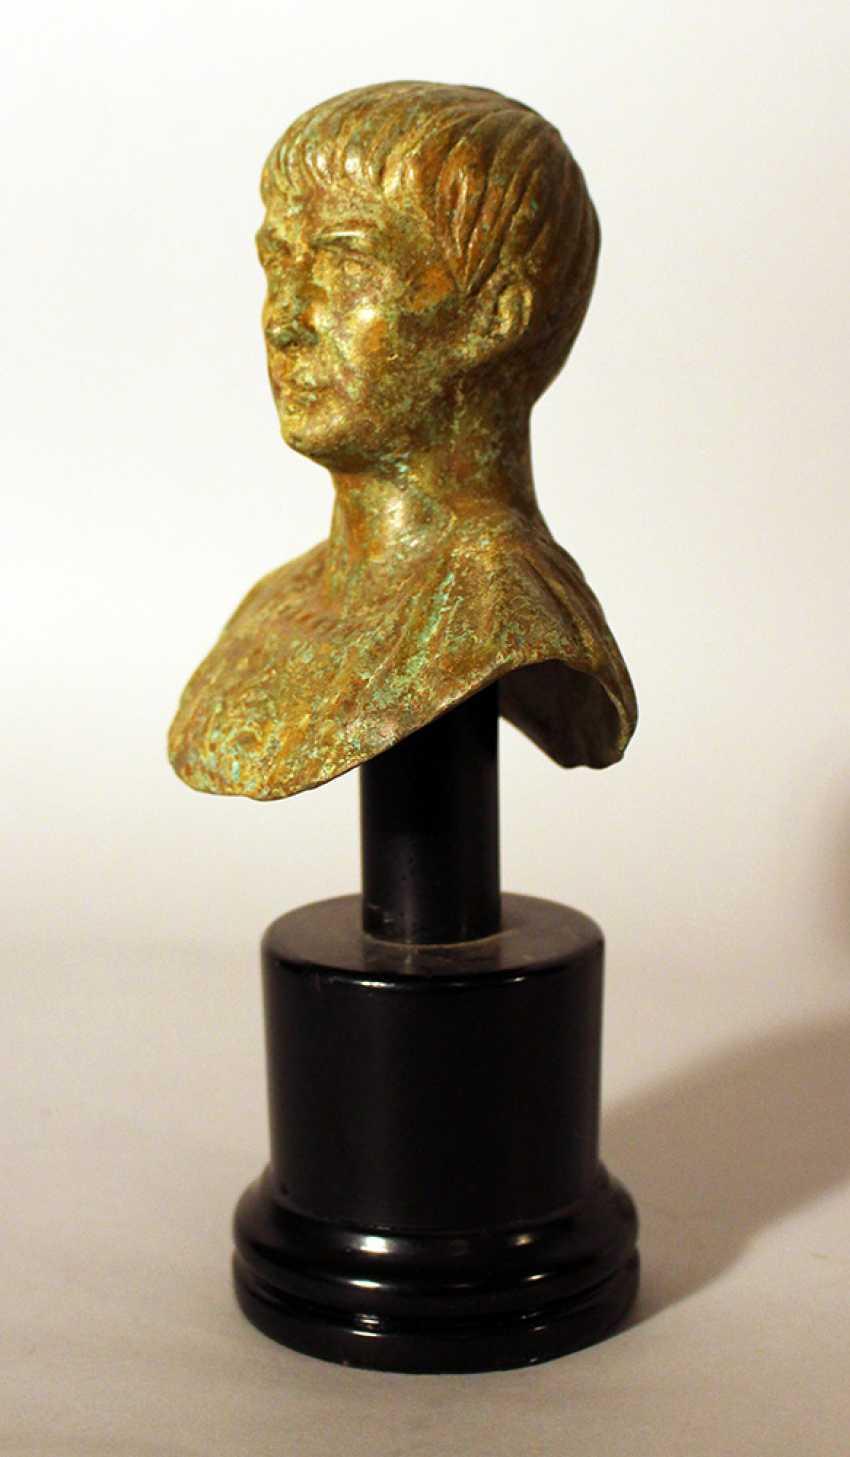 Le buste en Bronze de l'empereur Romain Auguste dans l'ancienne manière, en regardant sur le côté, en armure - photo 2